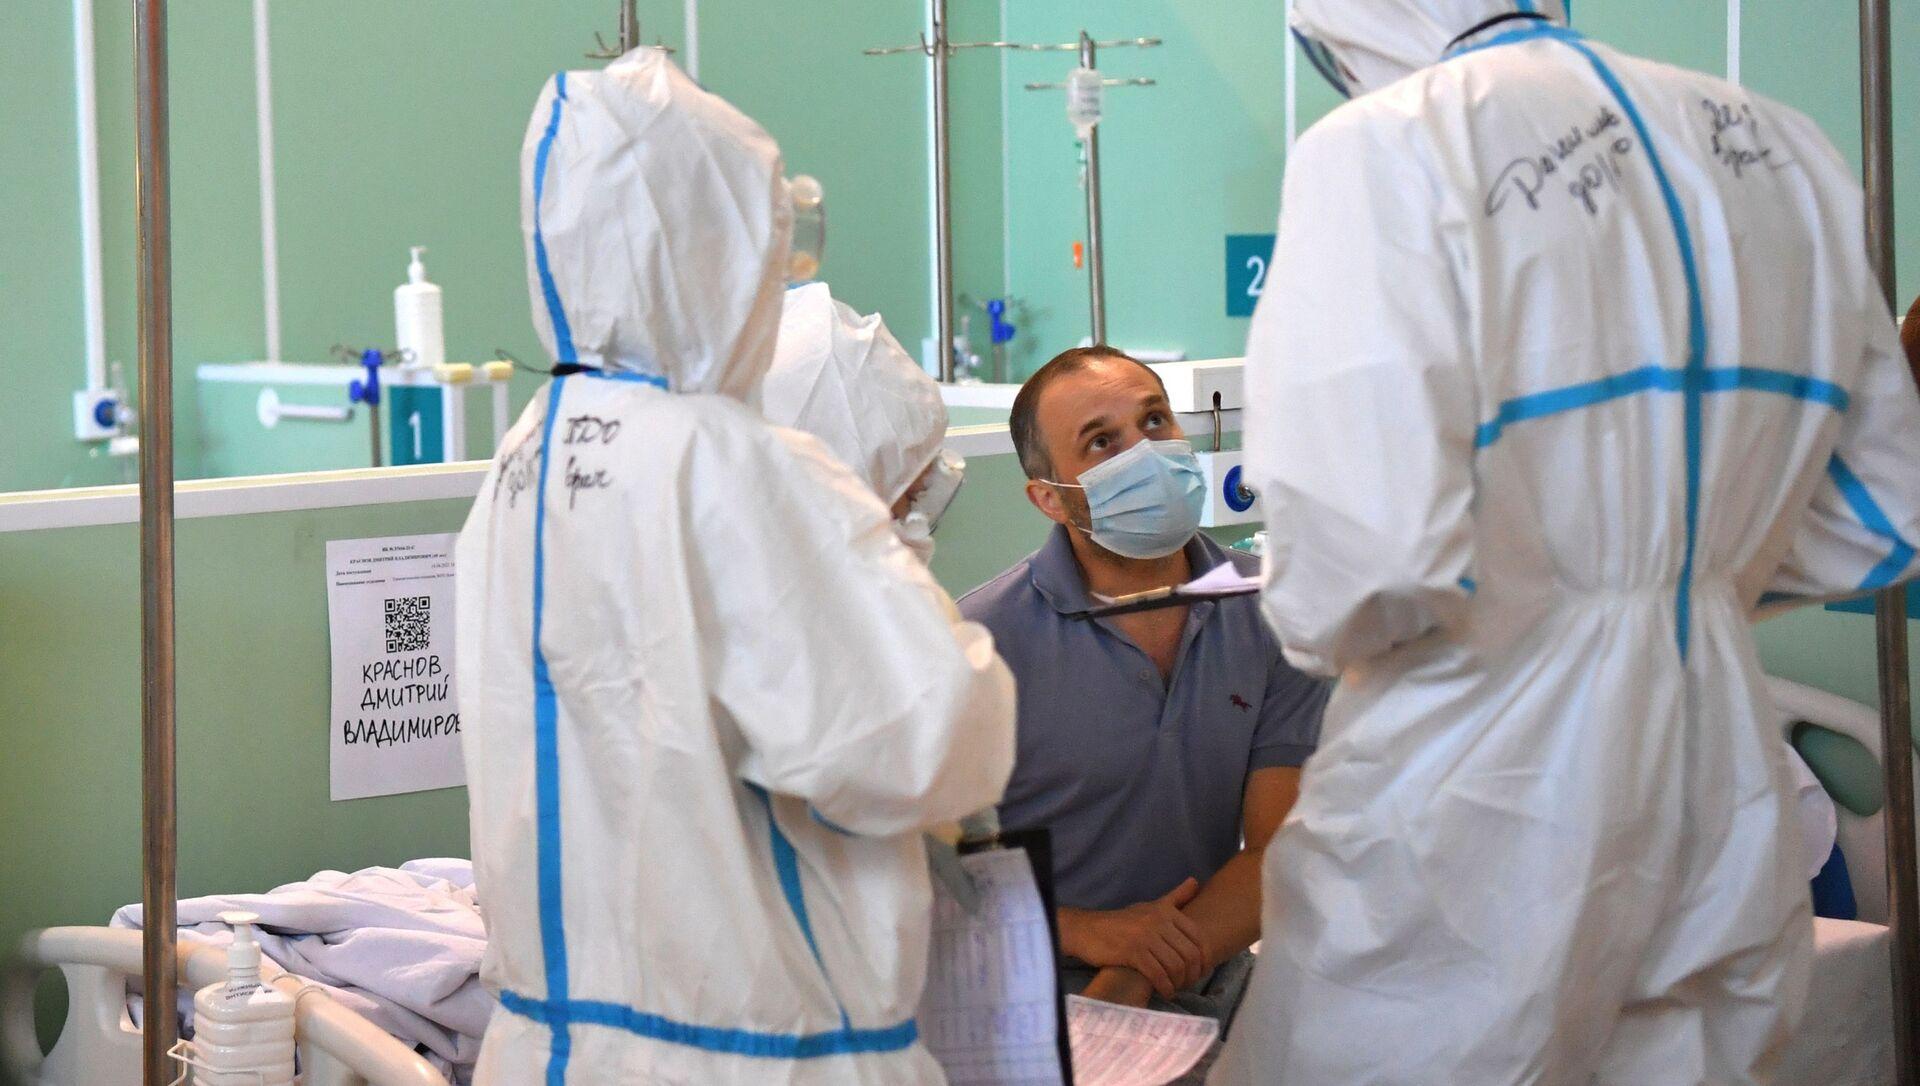 Điều trị bệnh nhân bị COVID-19 trong bệnh viện dự bị tại VDNKh - Sputnik Việt Nam, 1920, 10.09.2021